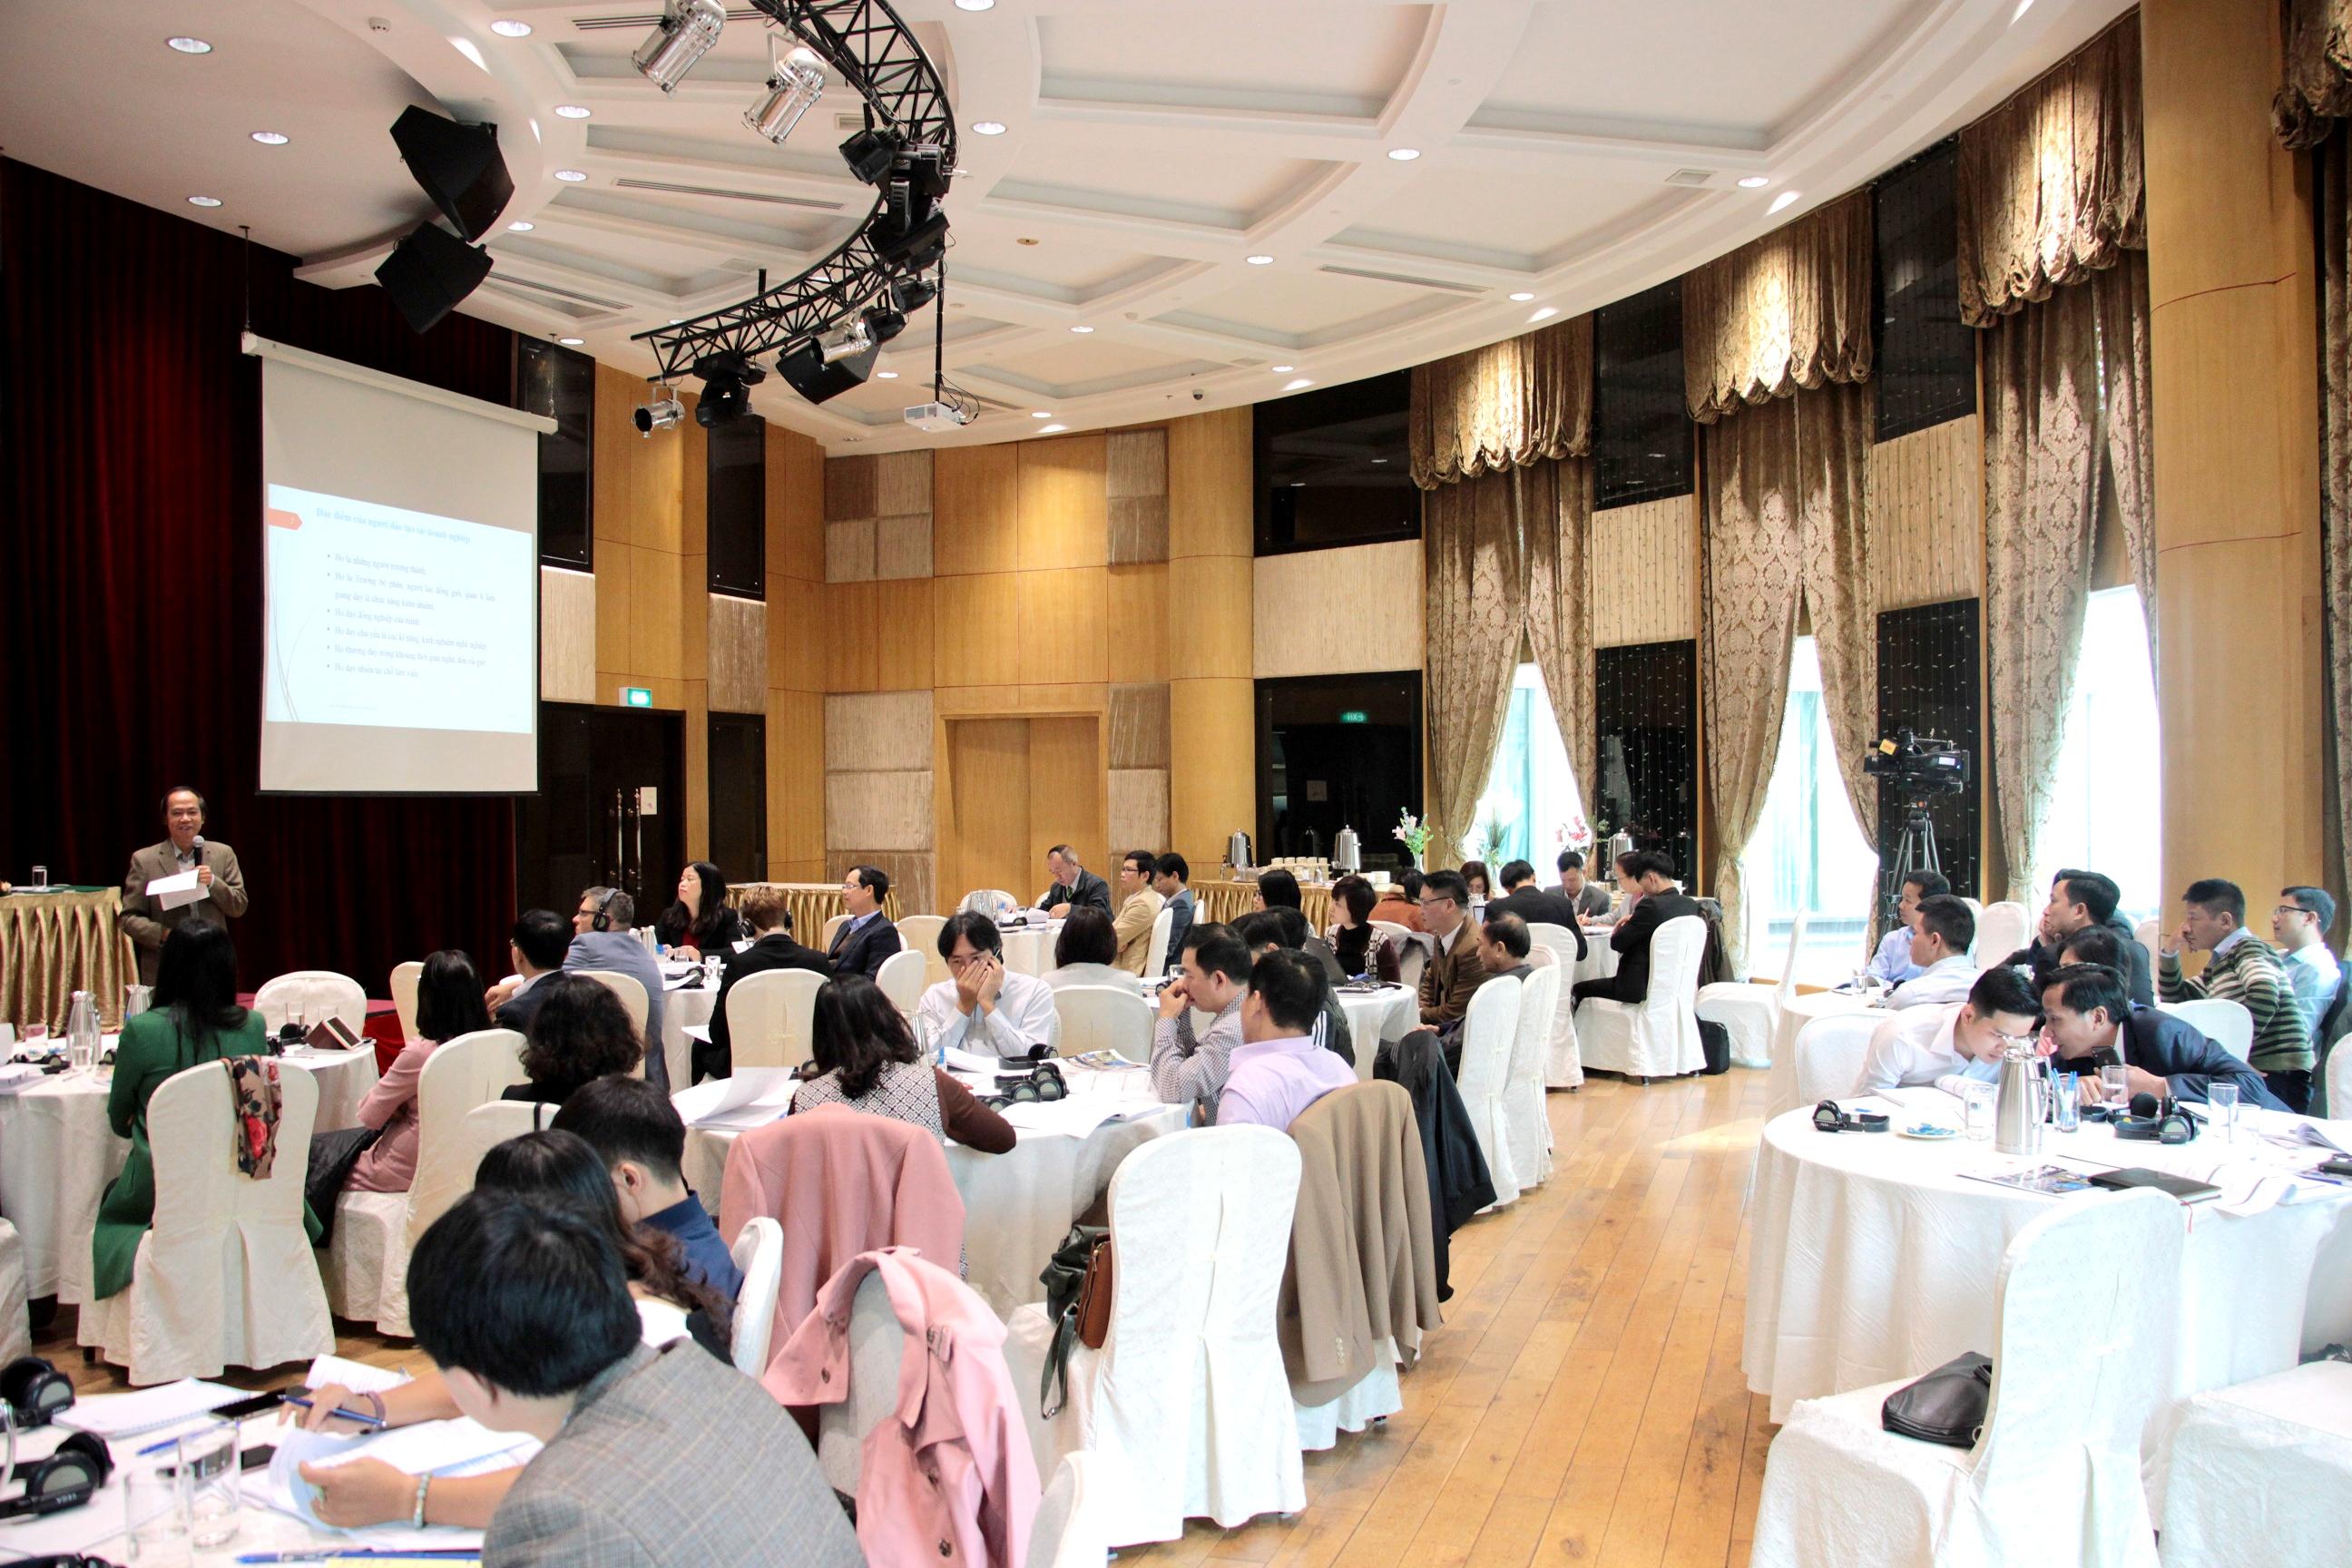 Chuẩn hóa người làm công tác đào tạo tại doanh nghiệp theo tiêu chuẩn ASEAN